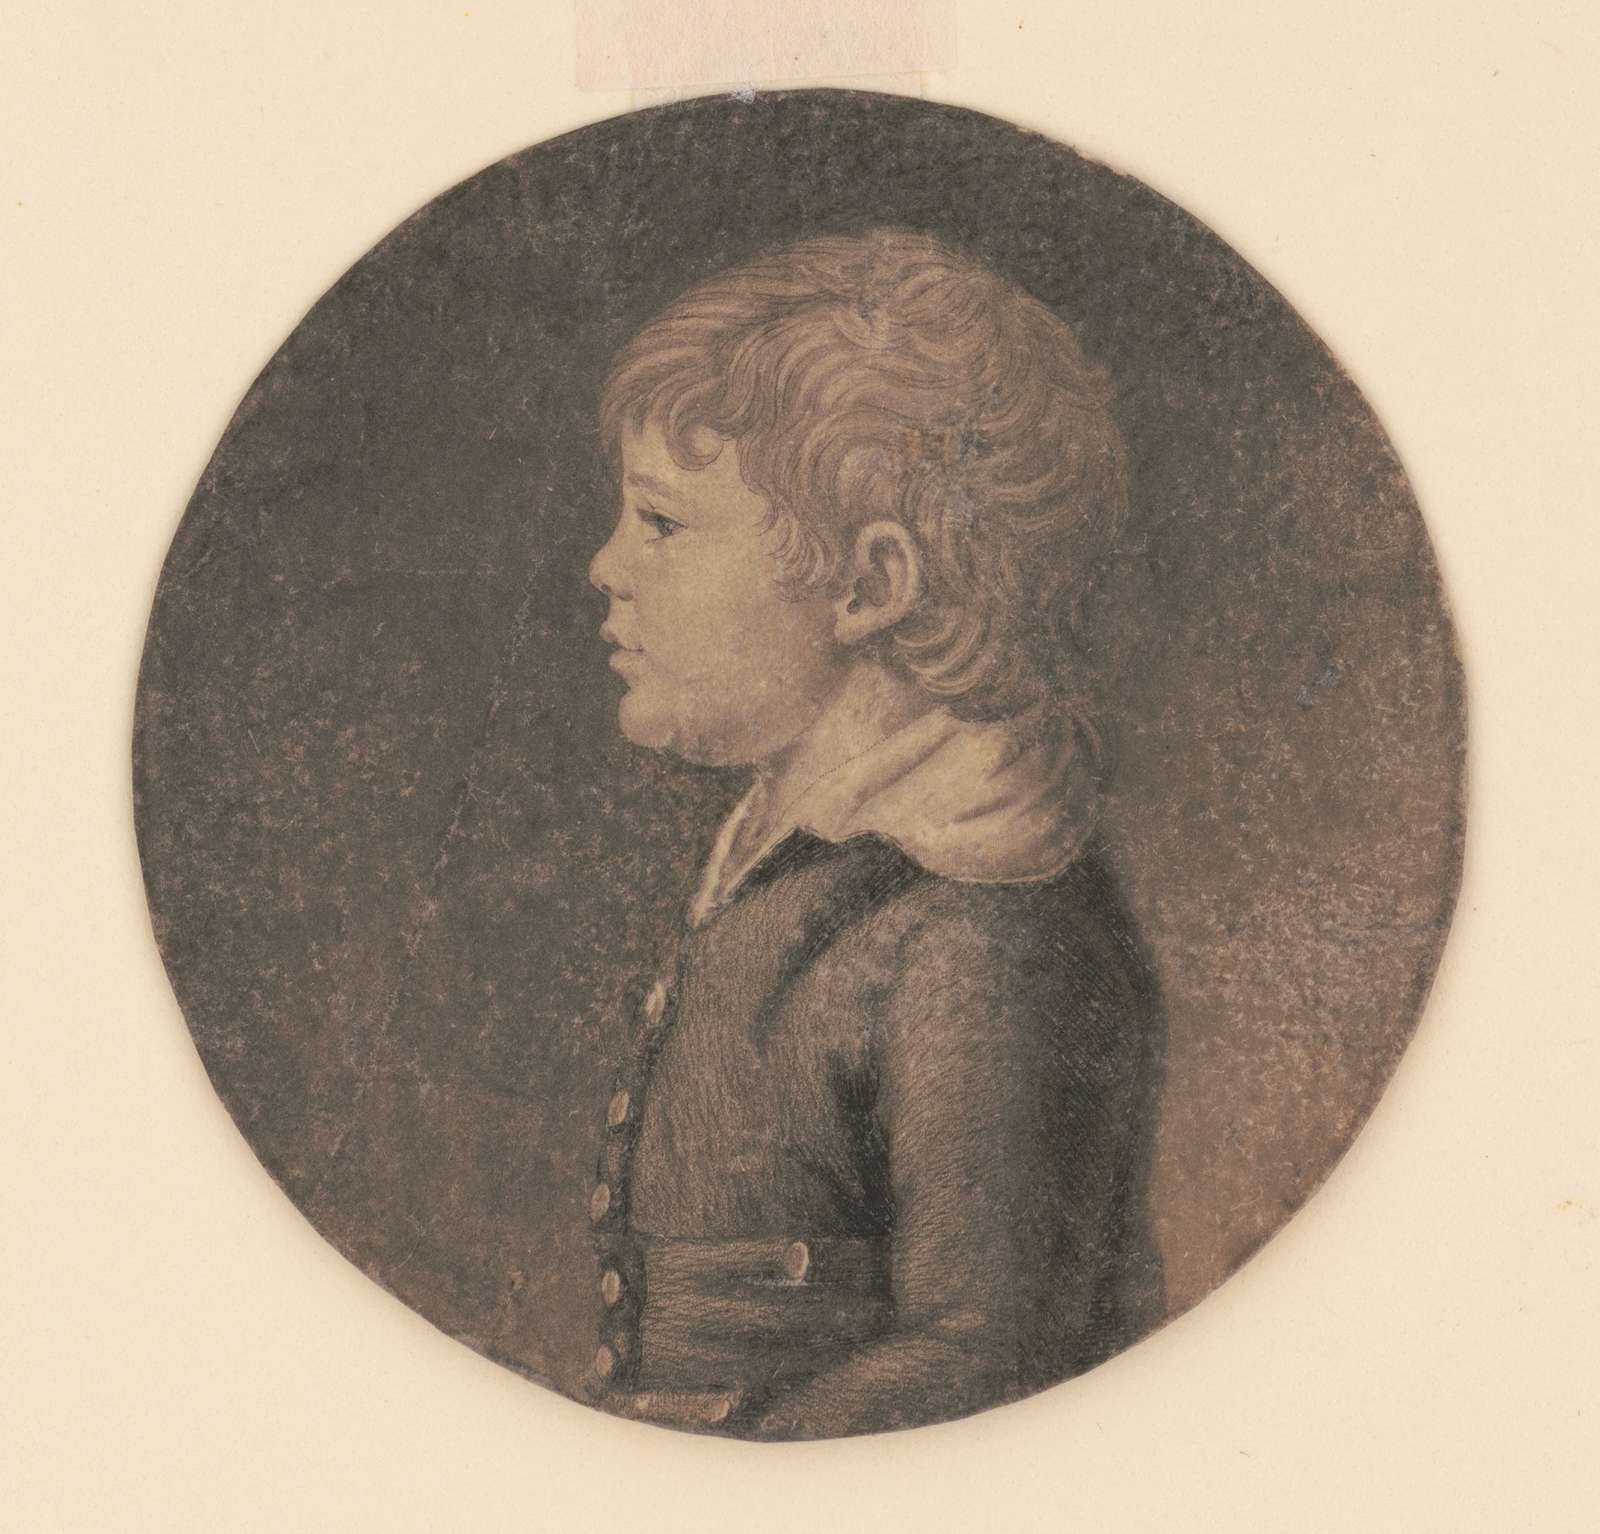 Edward Dutilh, head-and-shoulders portrait, left profile